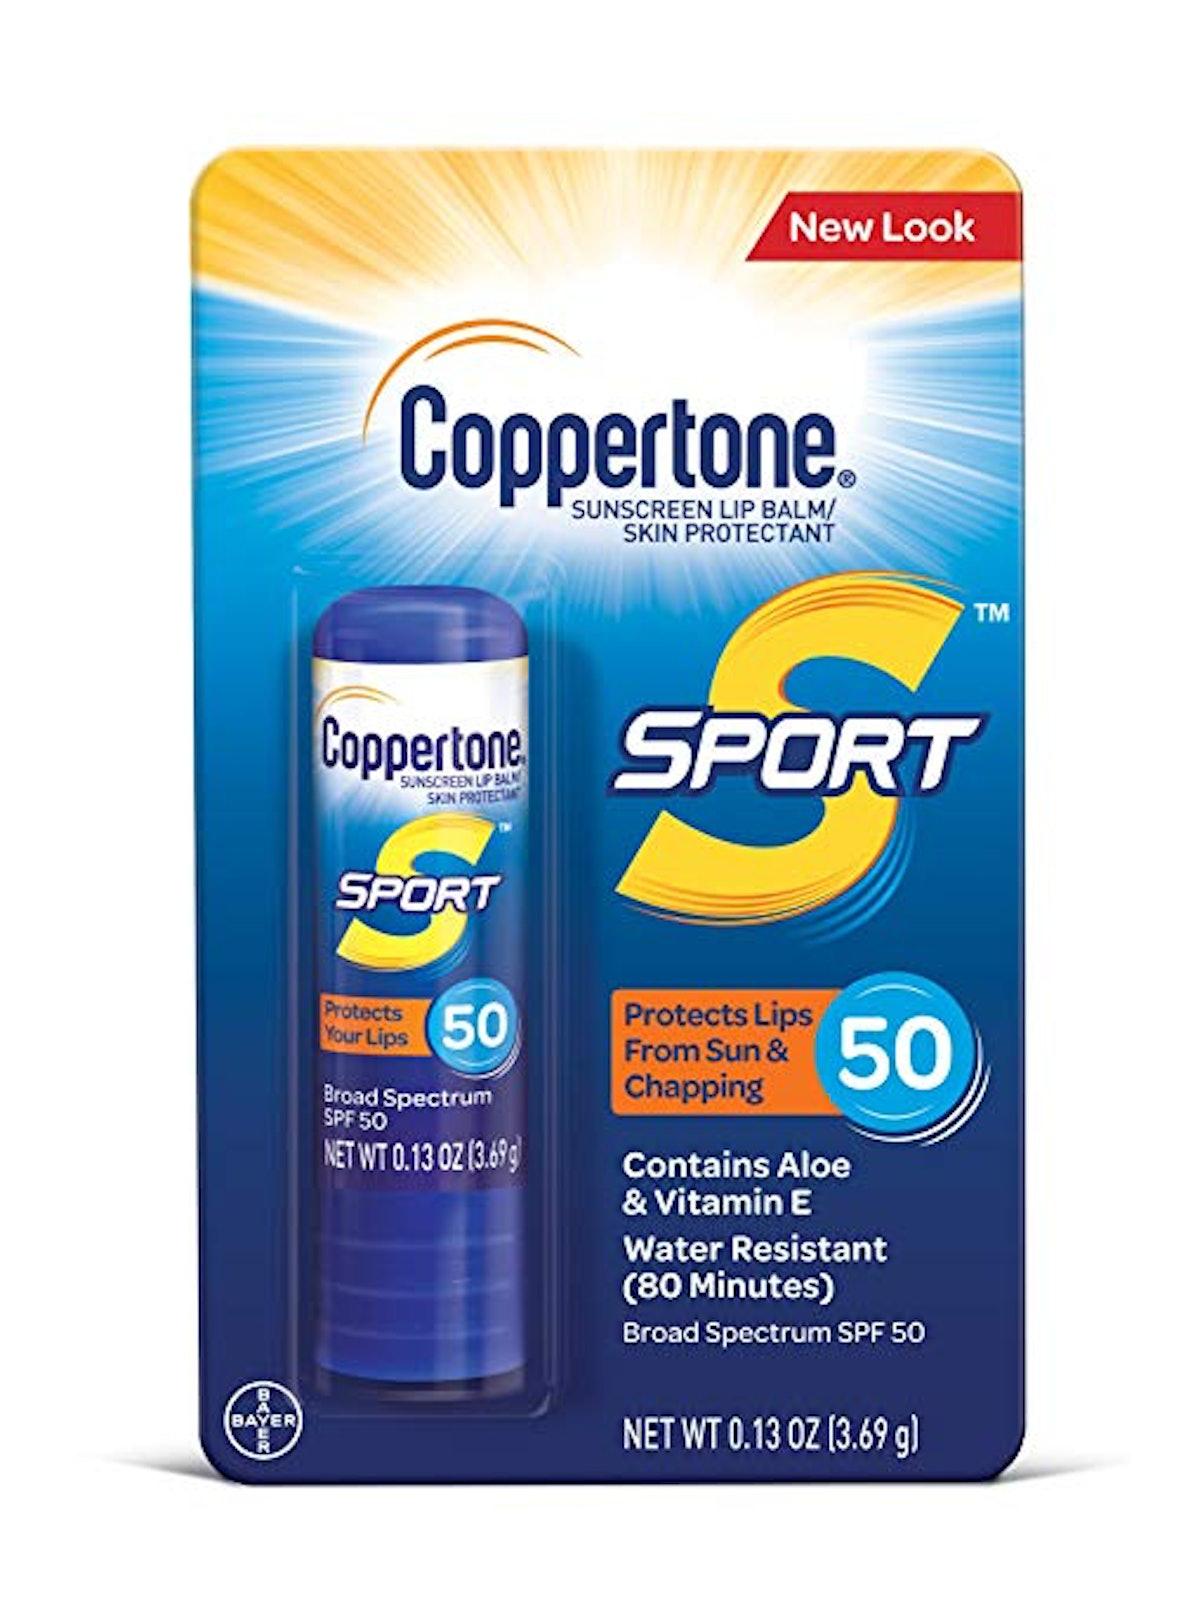 Coppertone Sport Sunscreen Lip Balm SPF 50